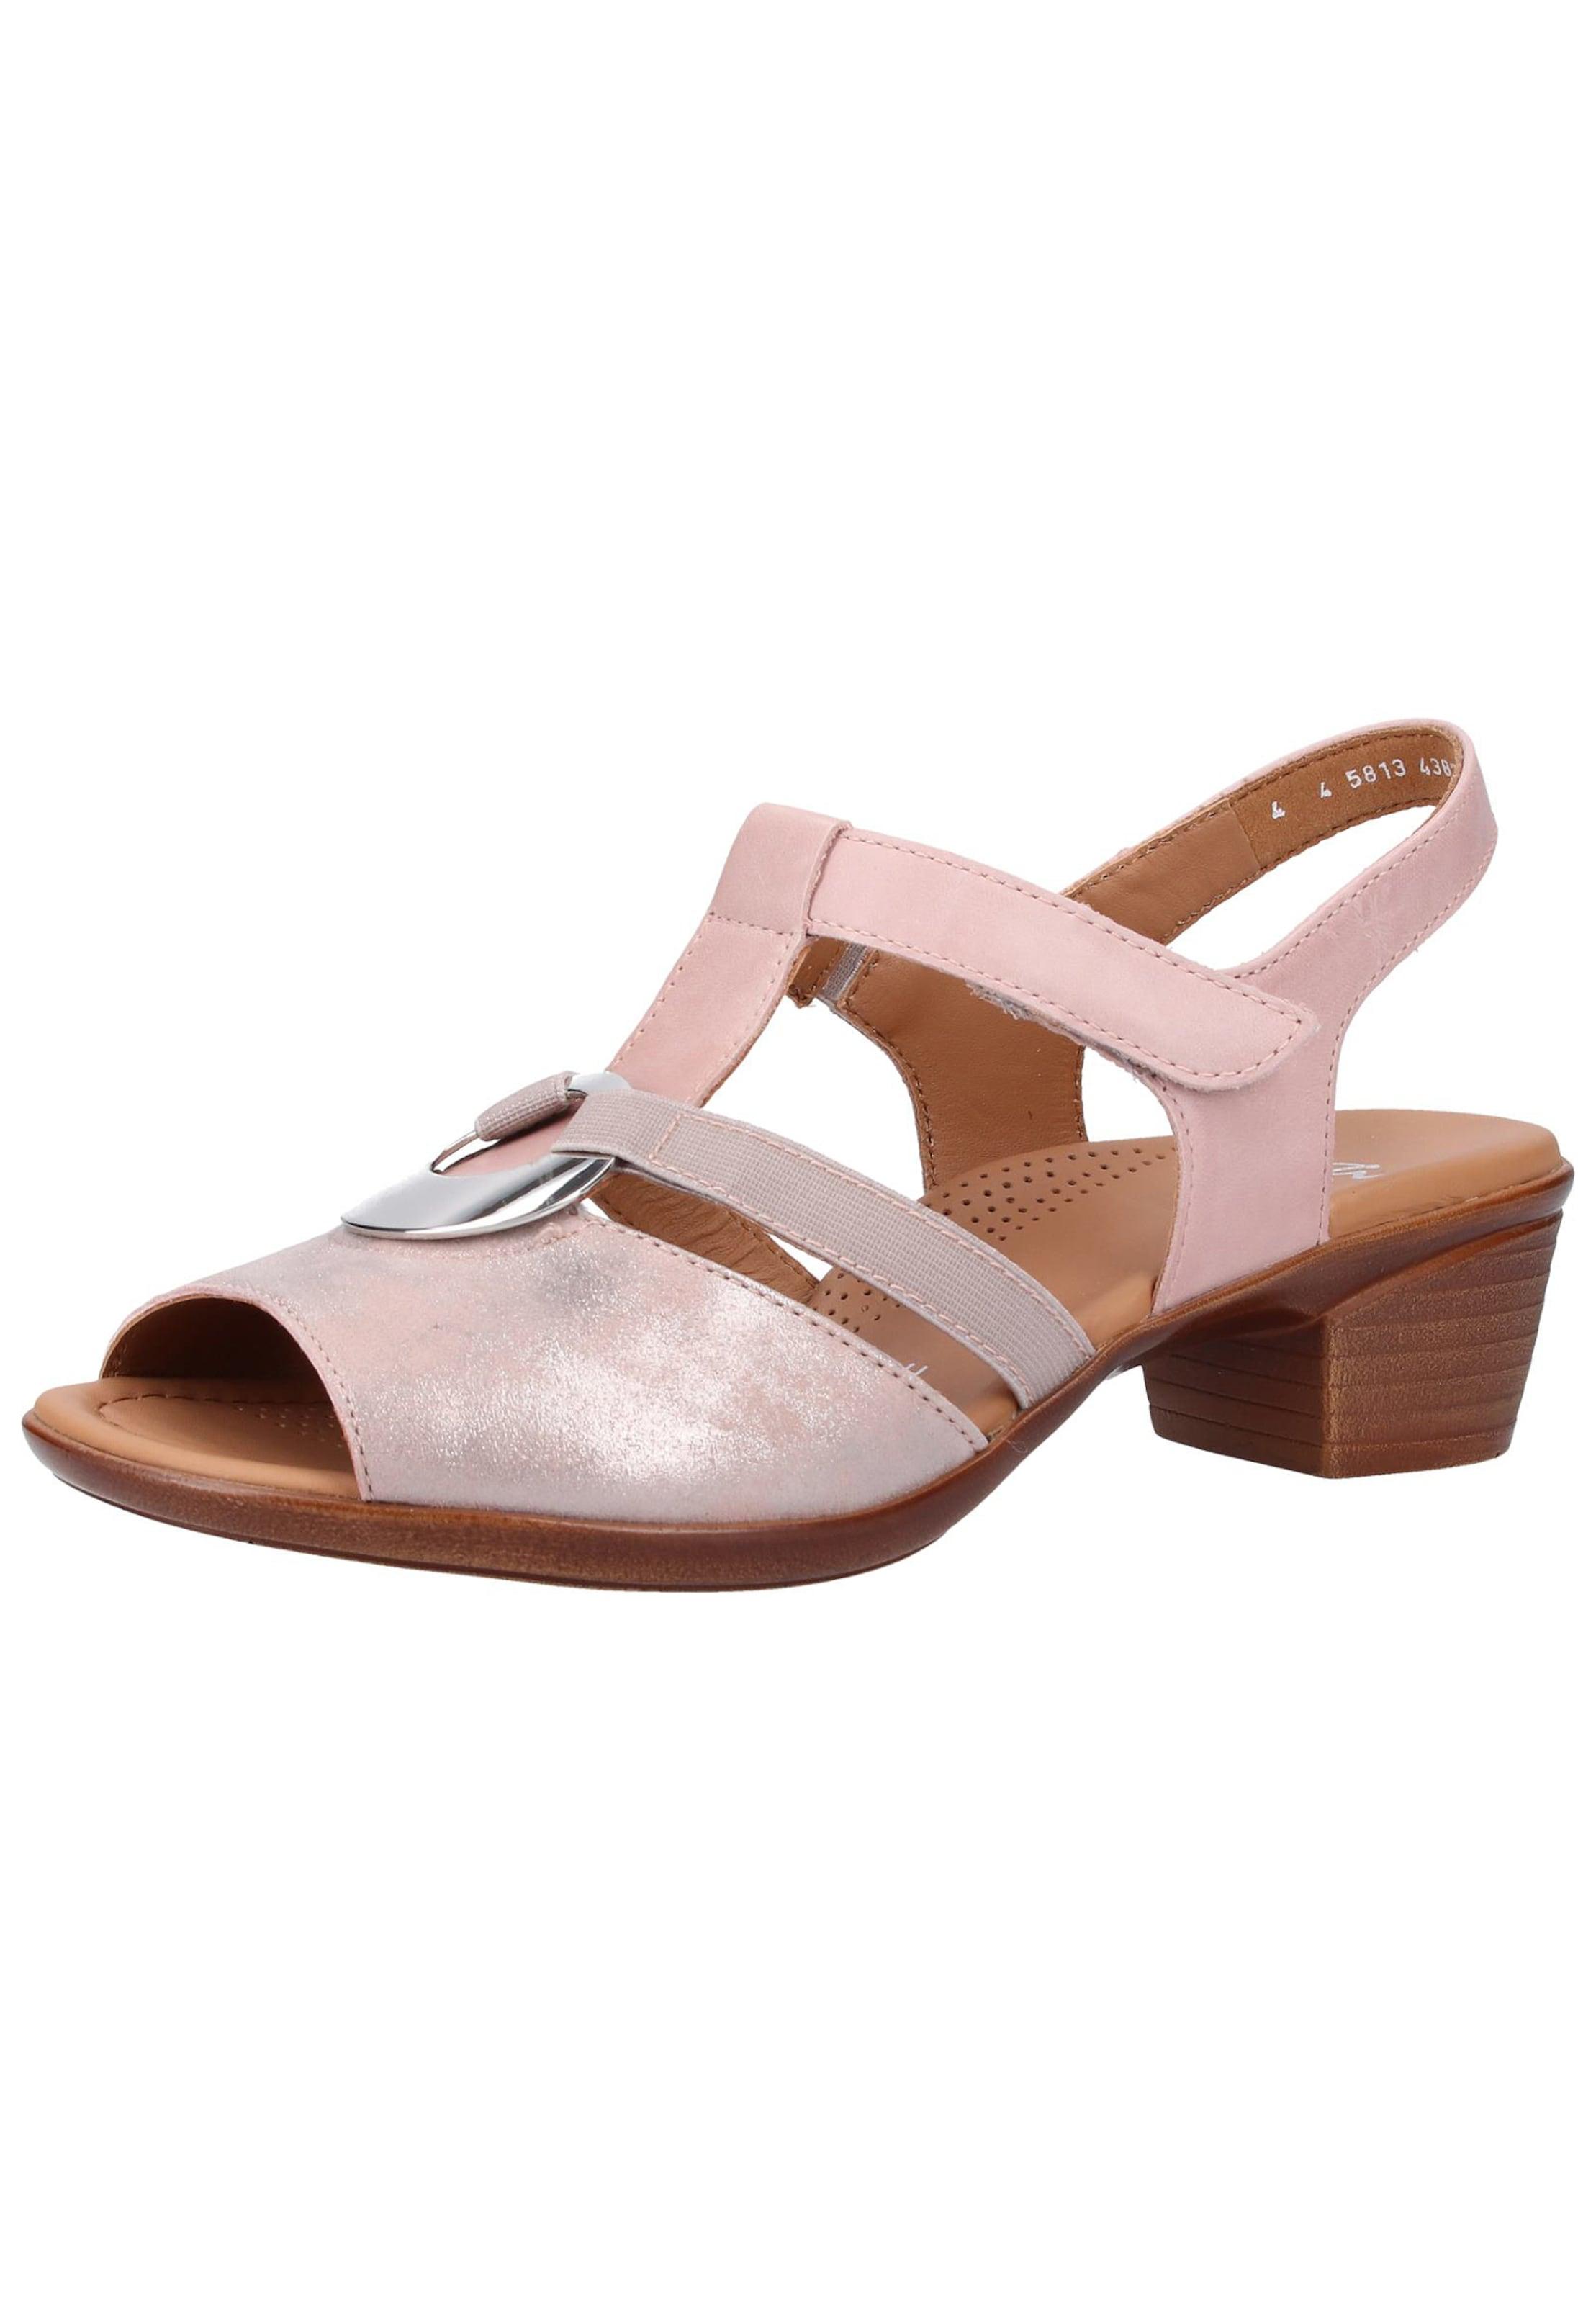 RosePoudre Sandales Ara RosePoudre Sandales Ara Sandales En Ara En yf7b6g